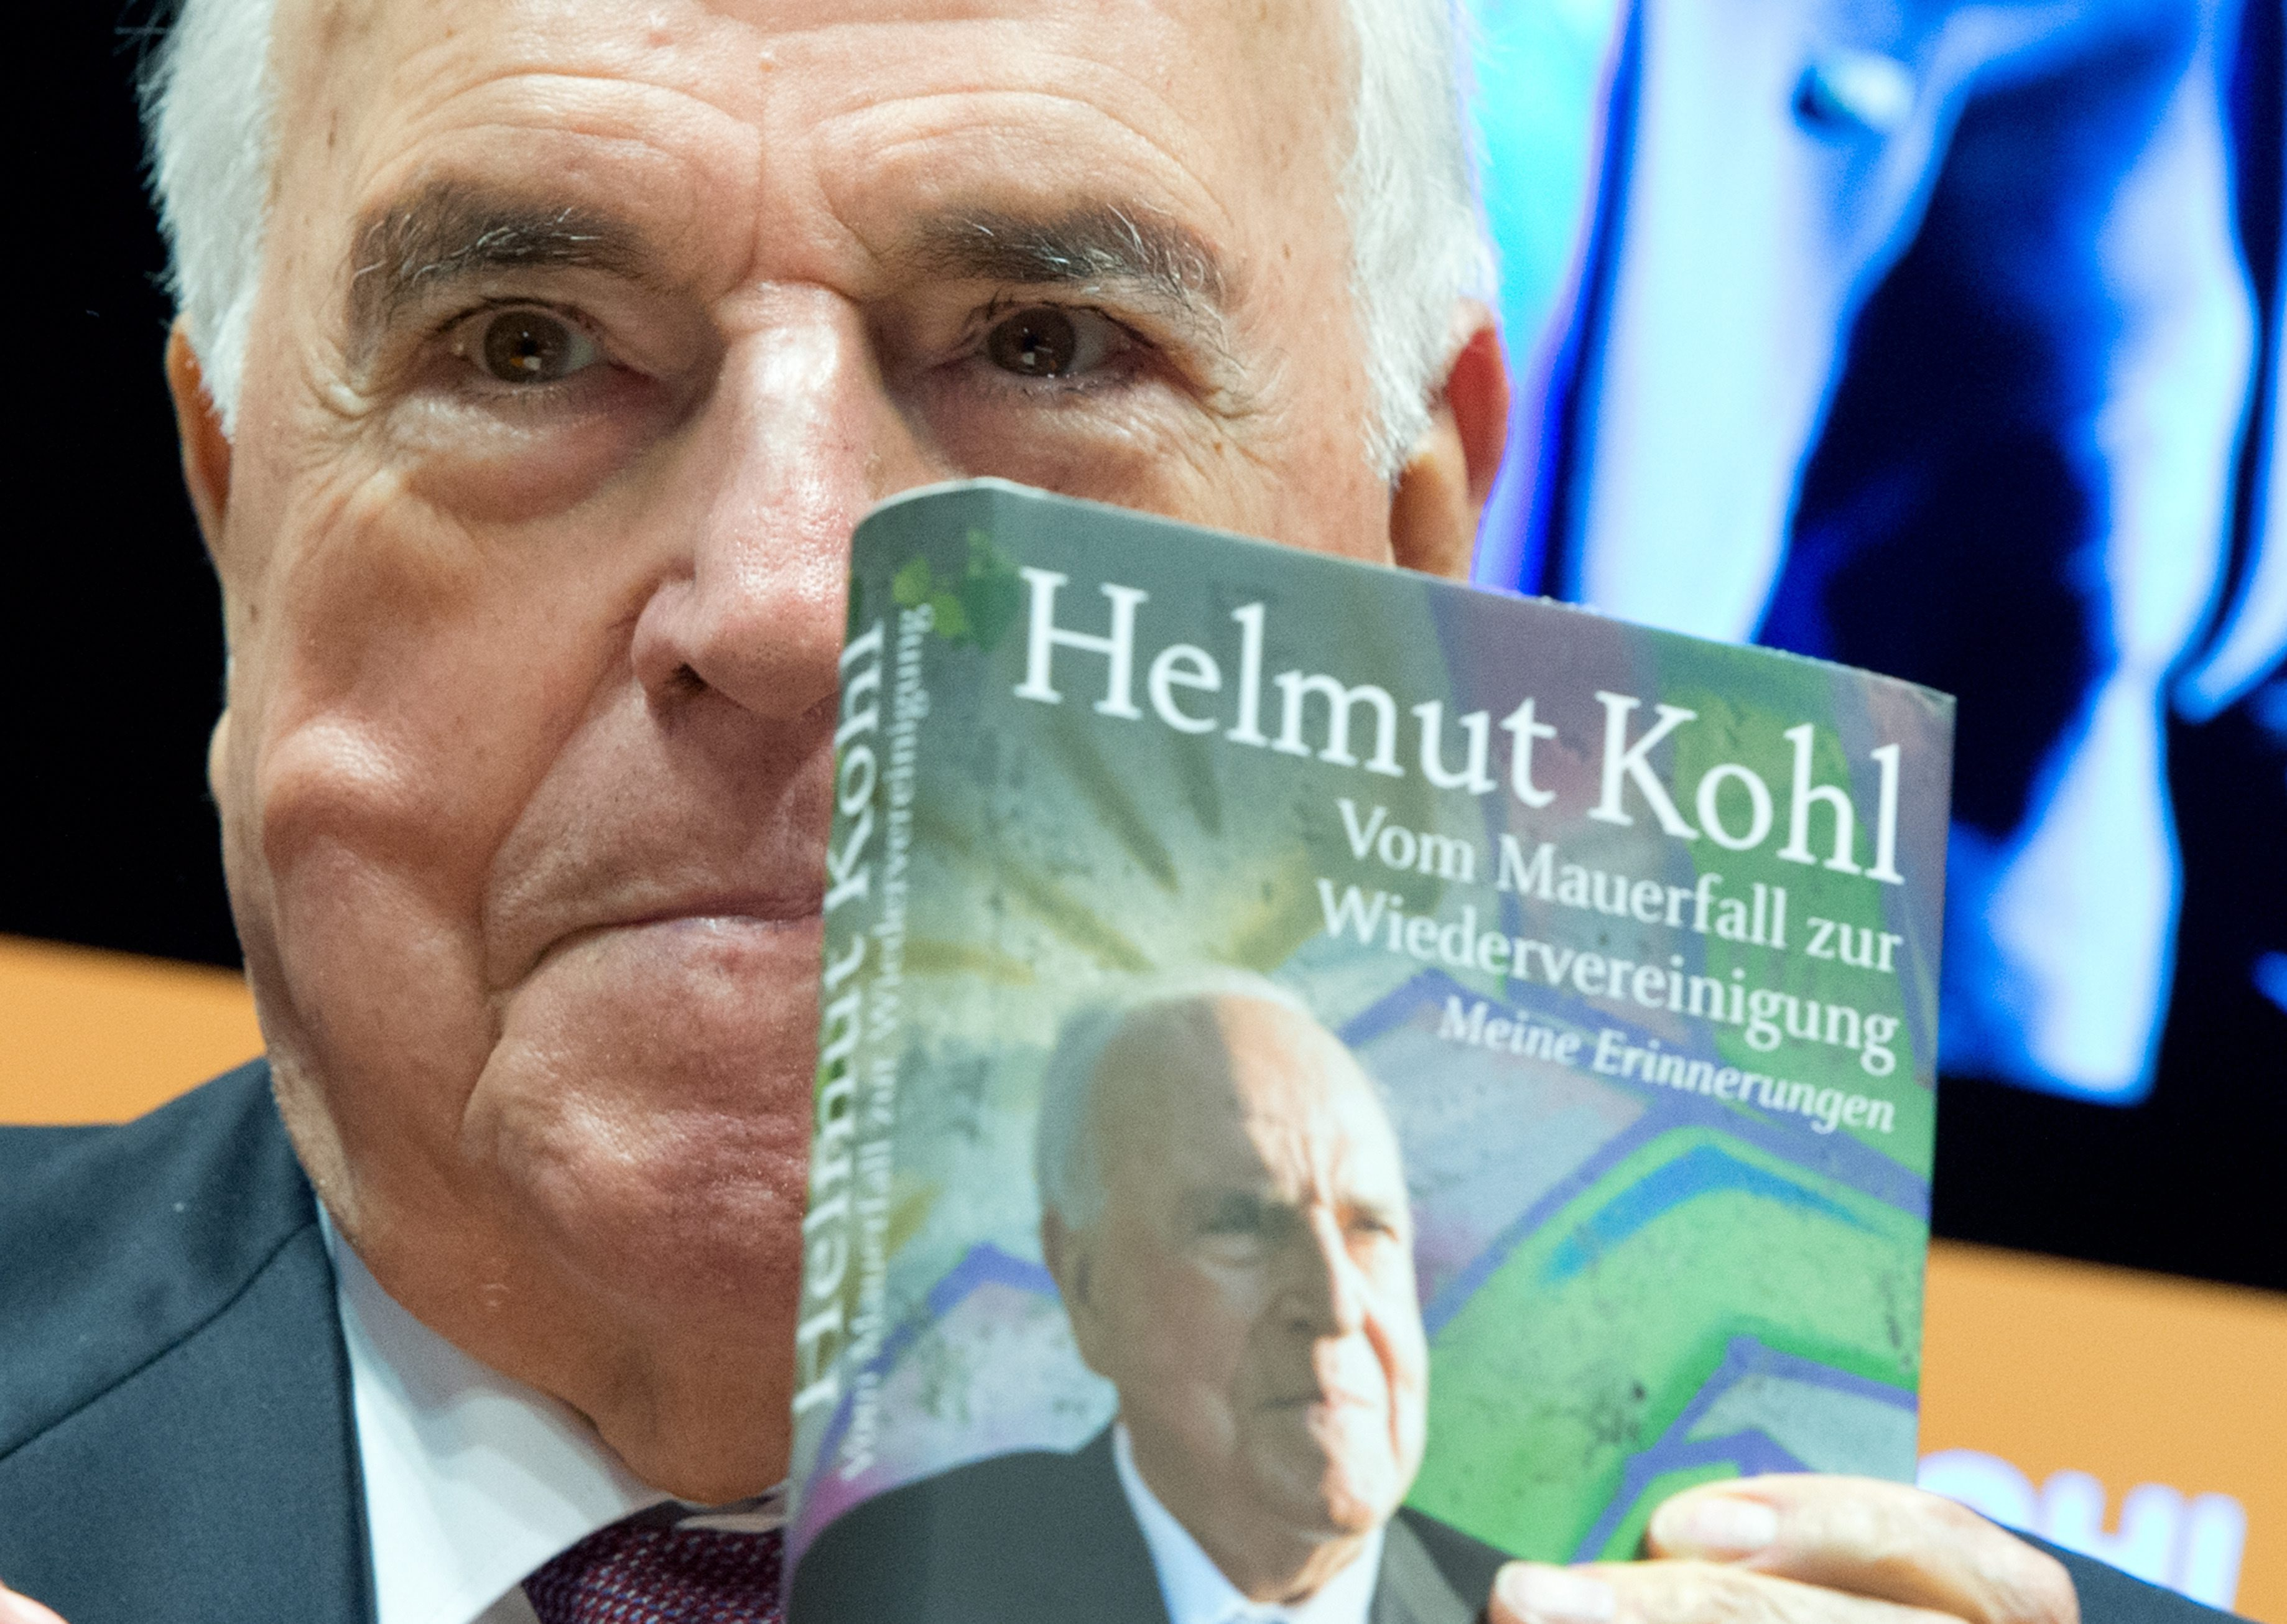 """Экс-канцлер Германии Гельмут Коль представил свою книгу """"От падения Берлинской стены до воссоединения"""" во Франкфурте"""